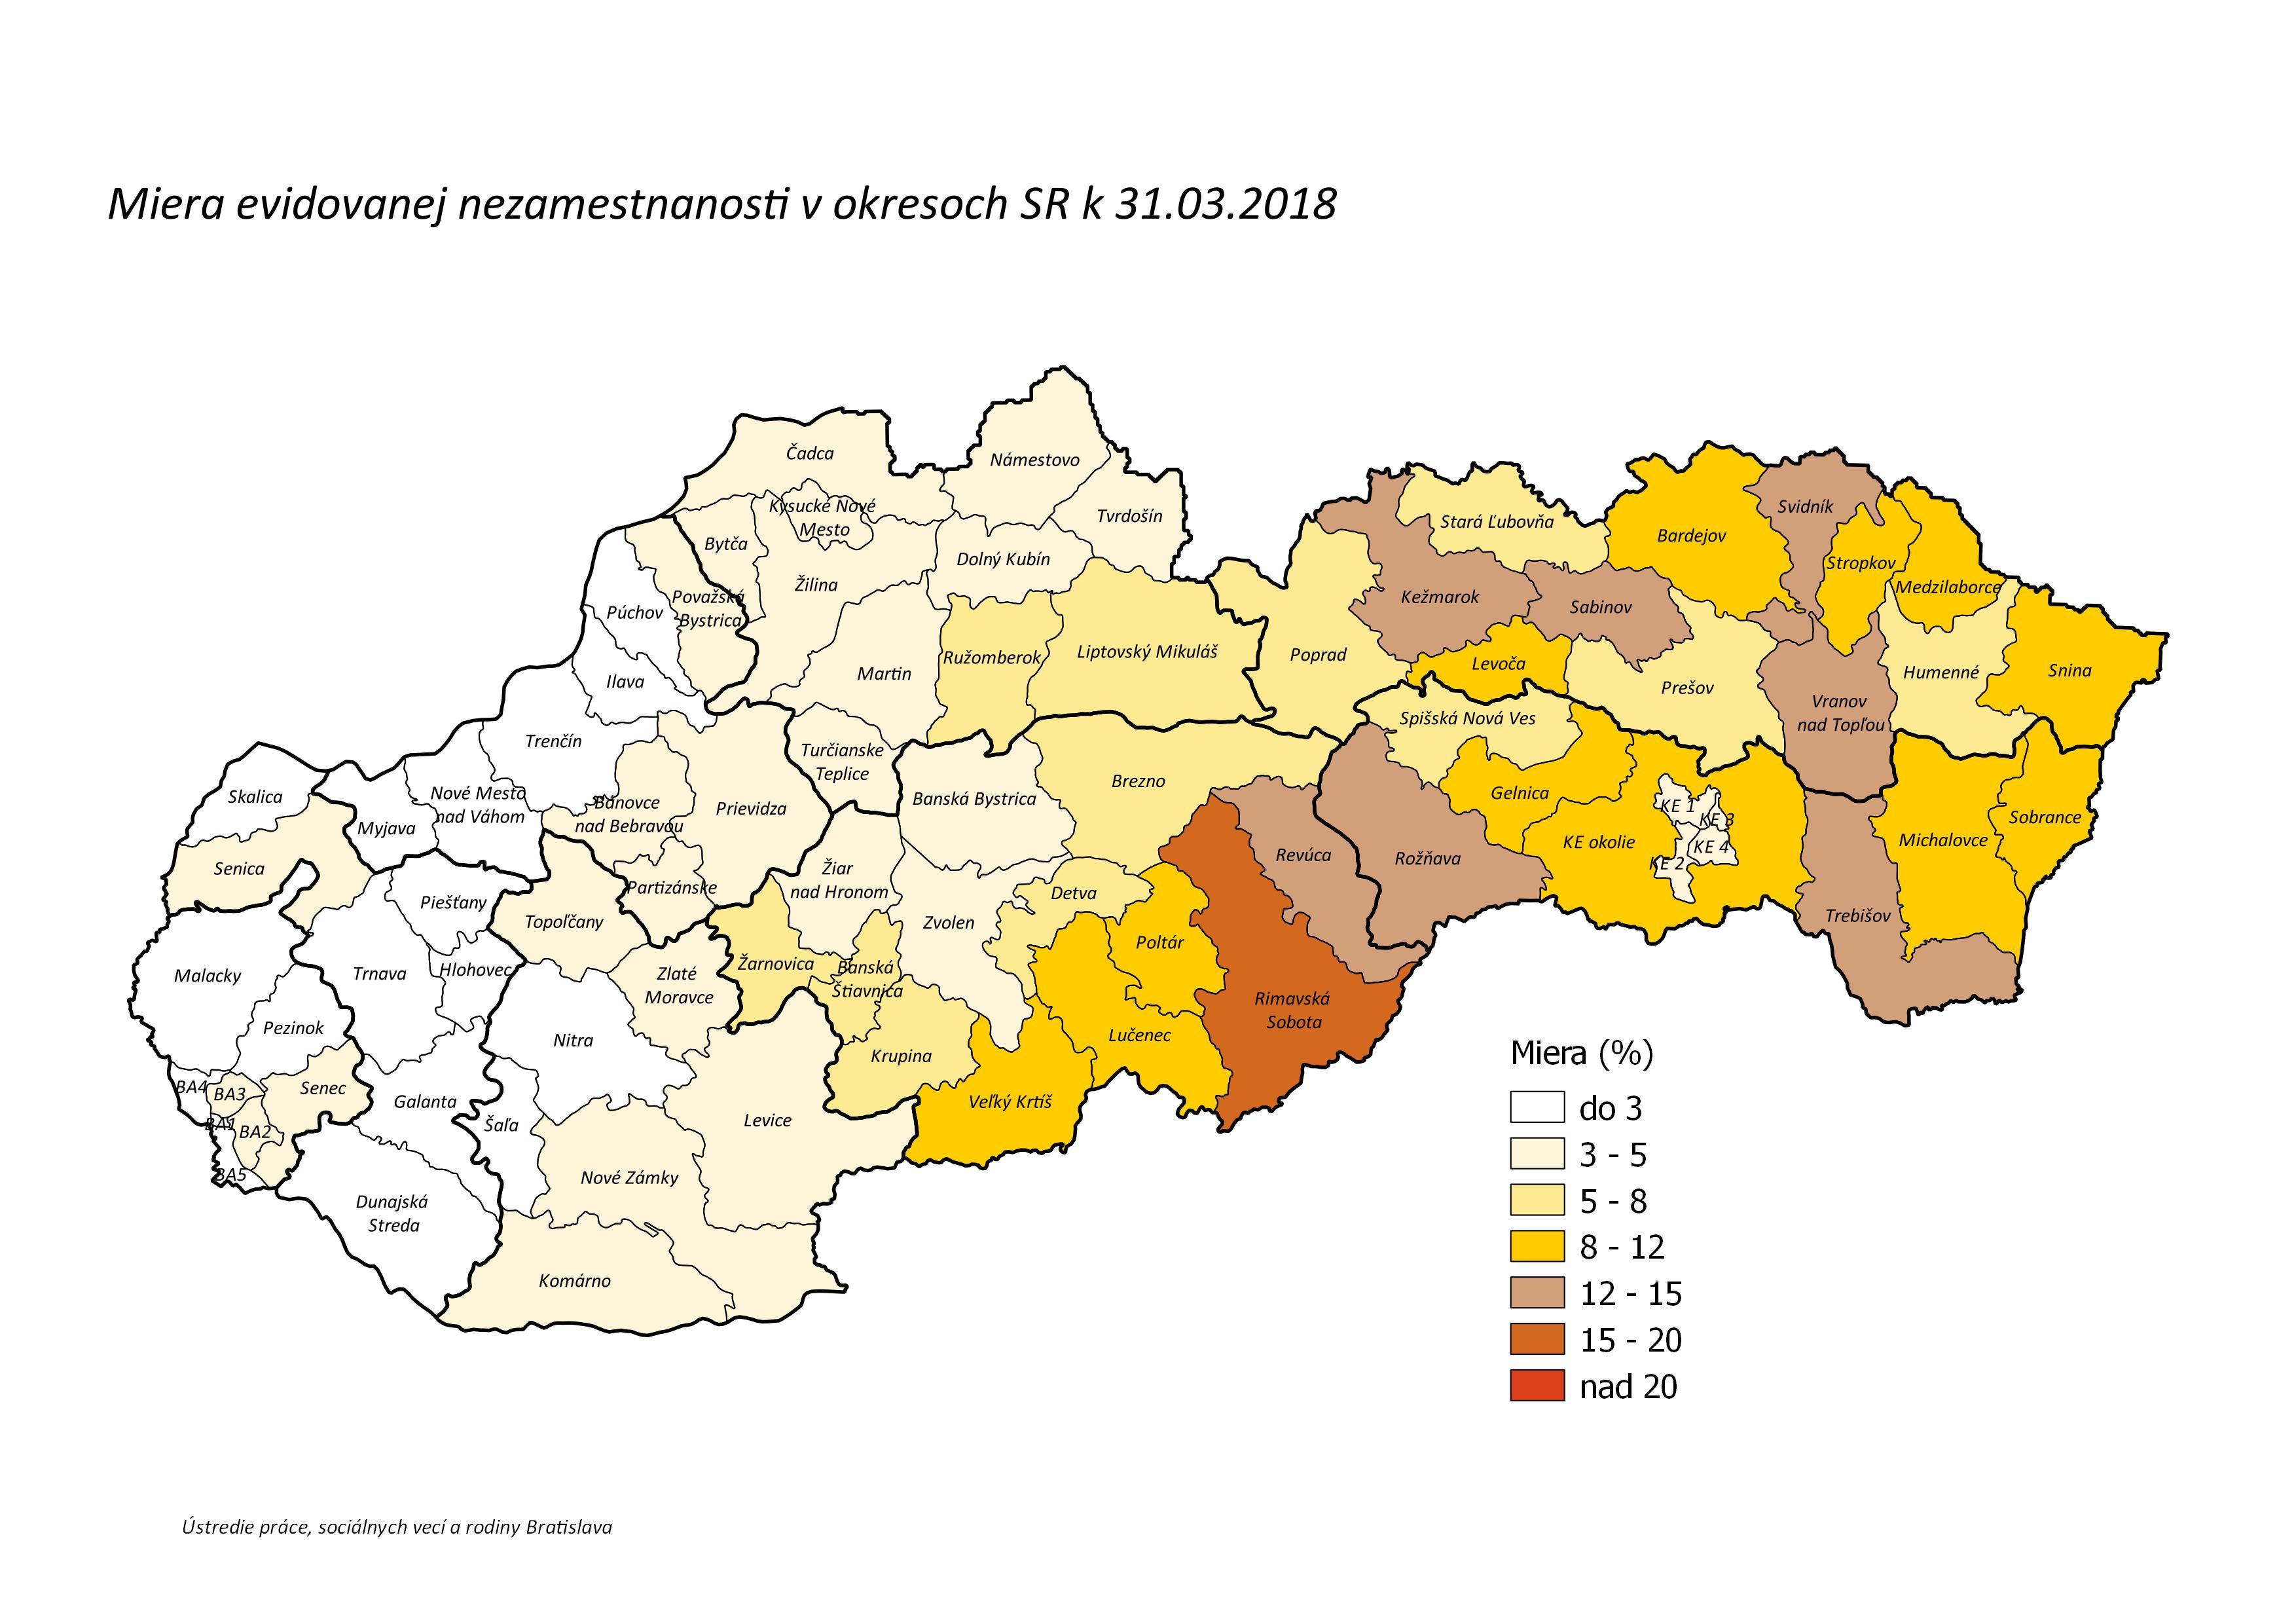 Evidovana miera nezamestnanosti na Slovensku